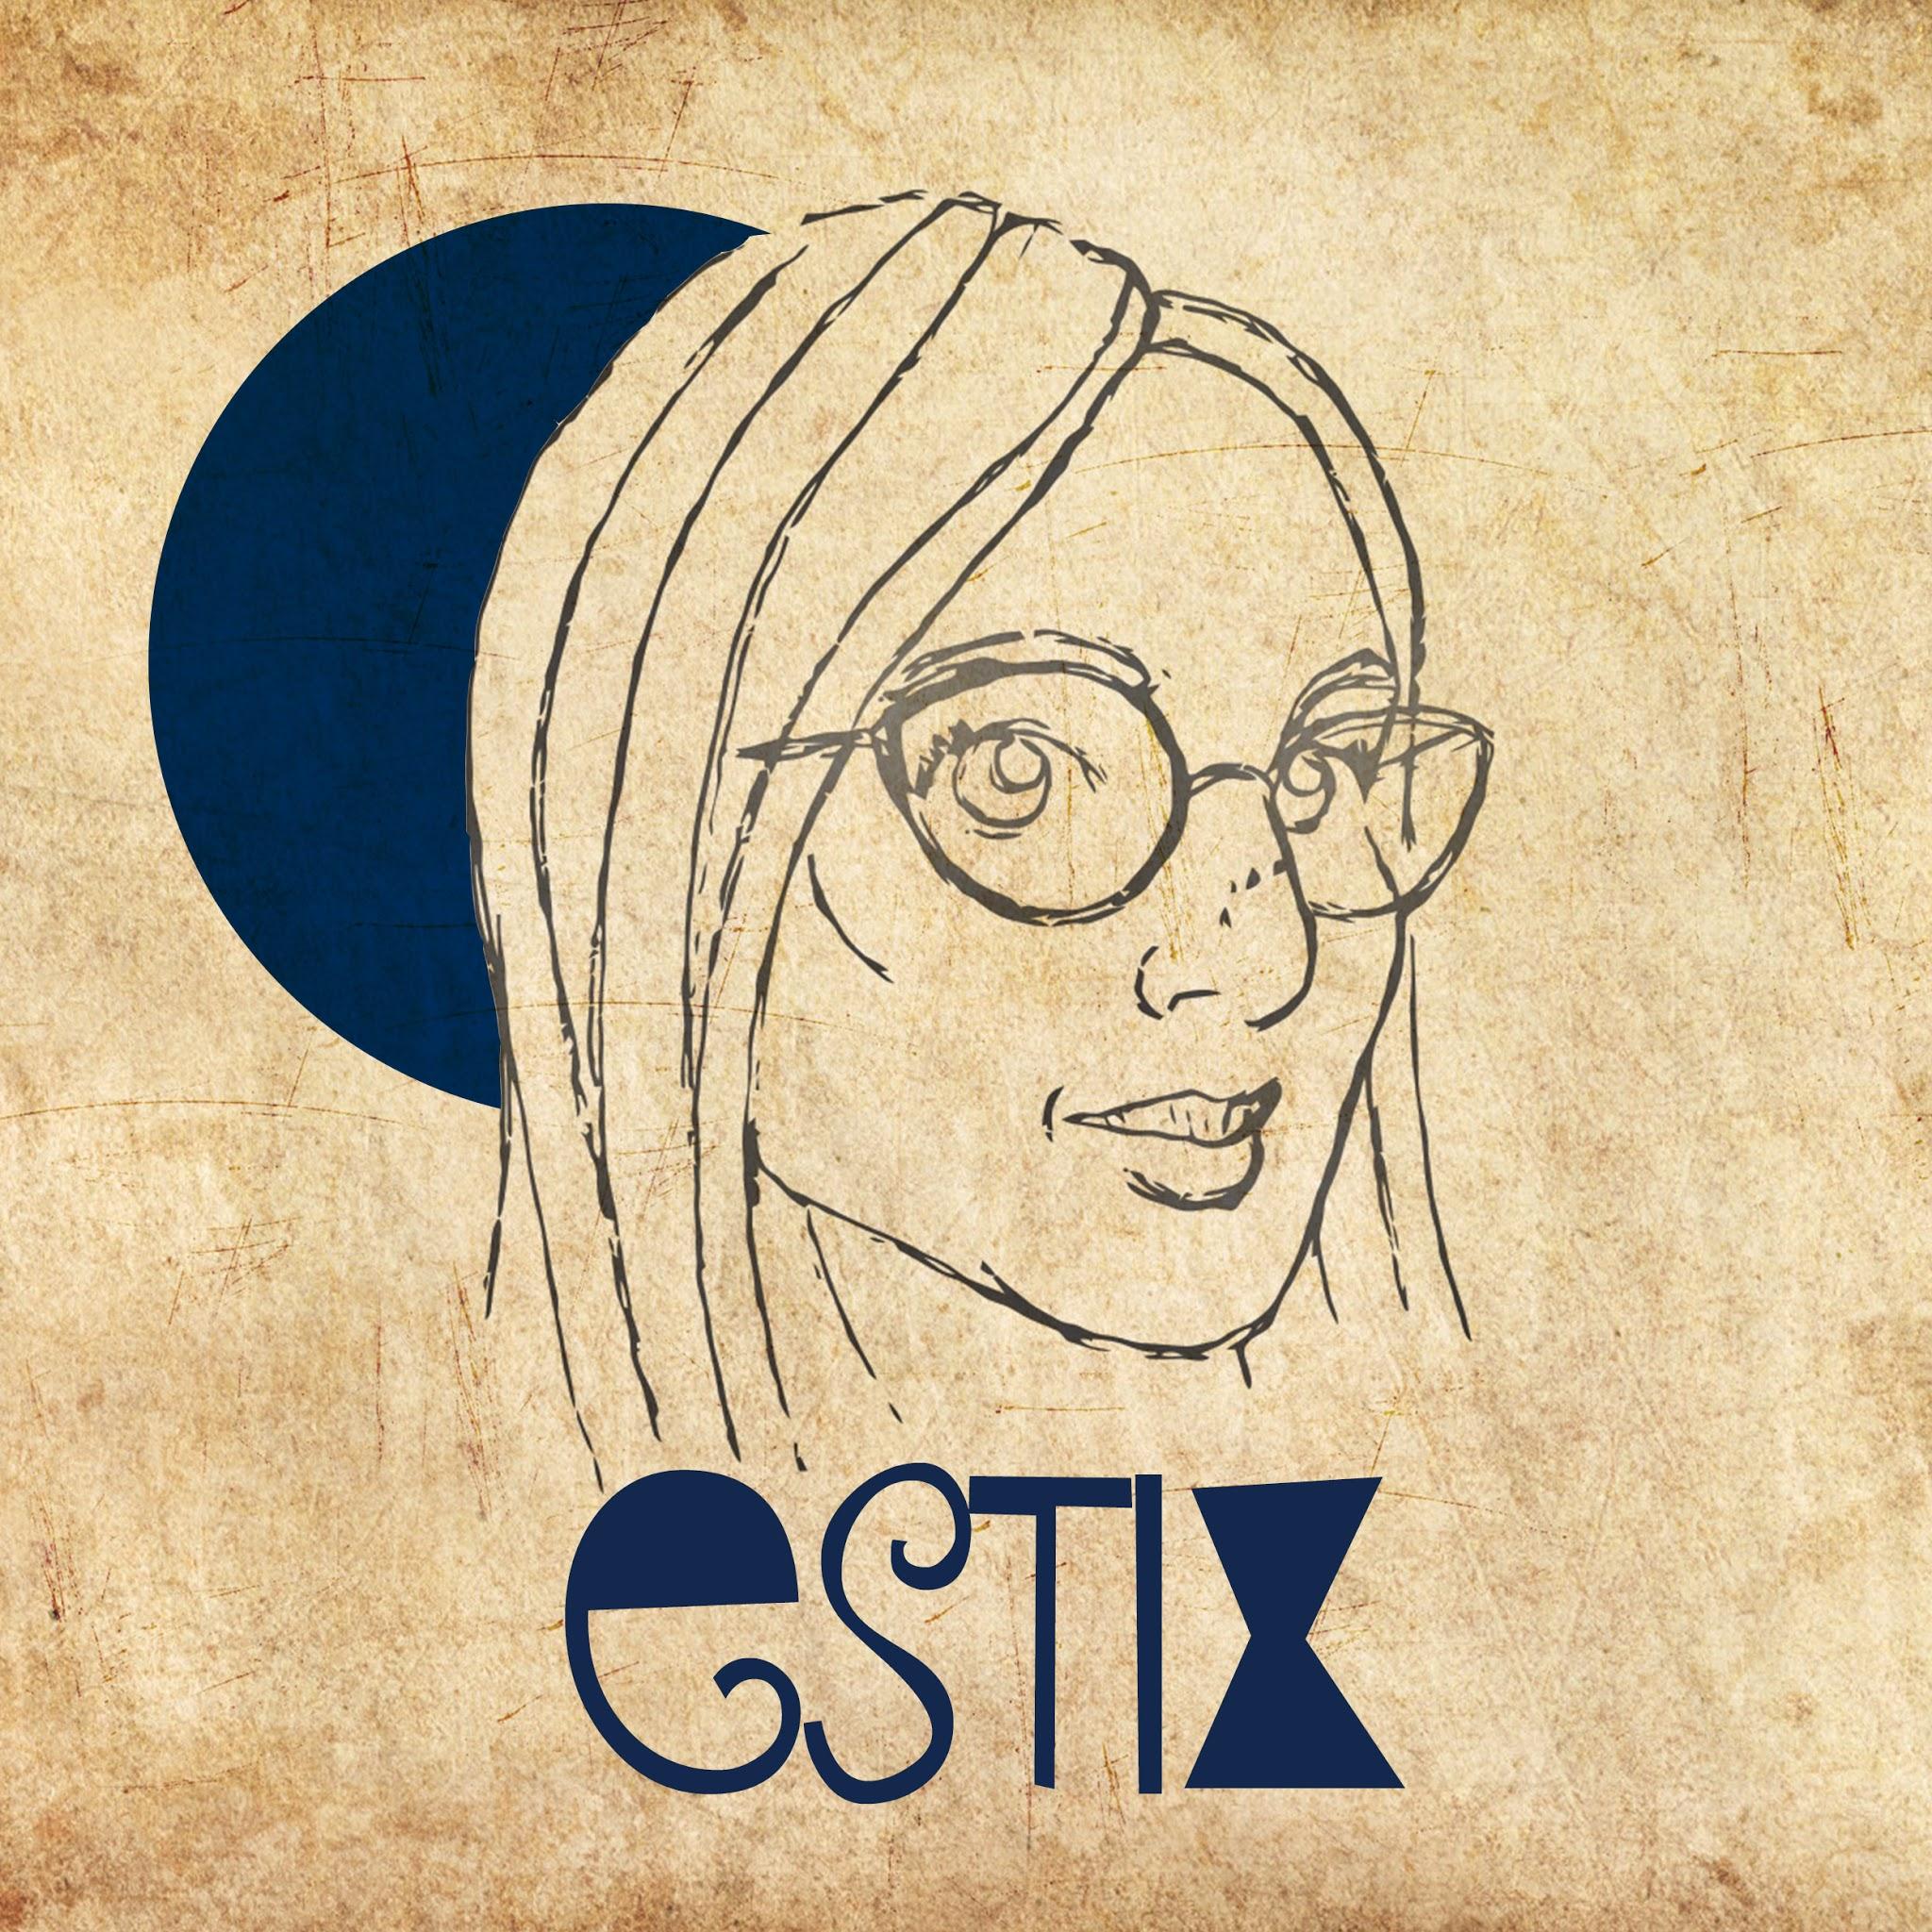 ESTIX